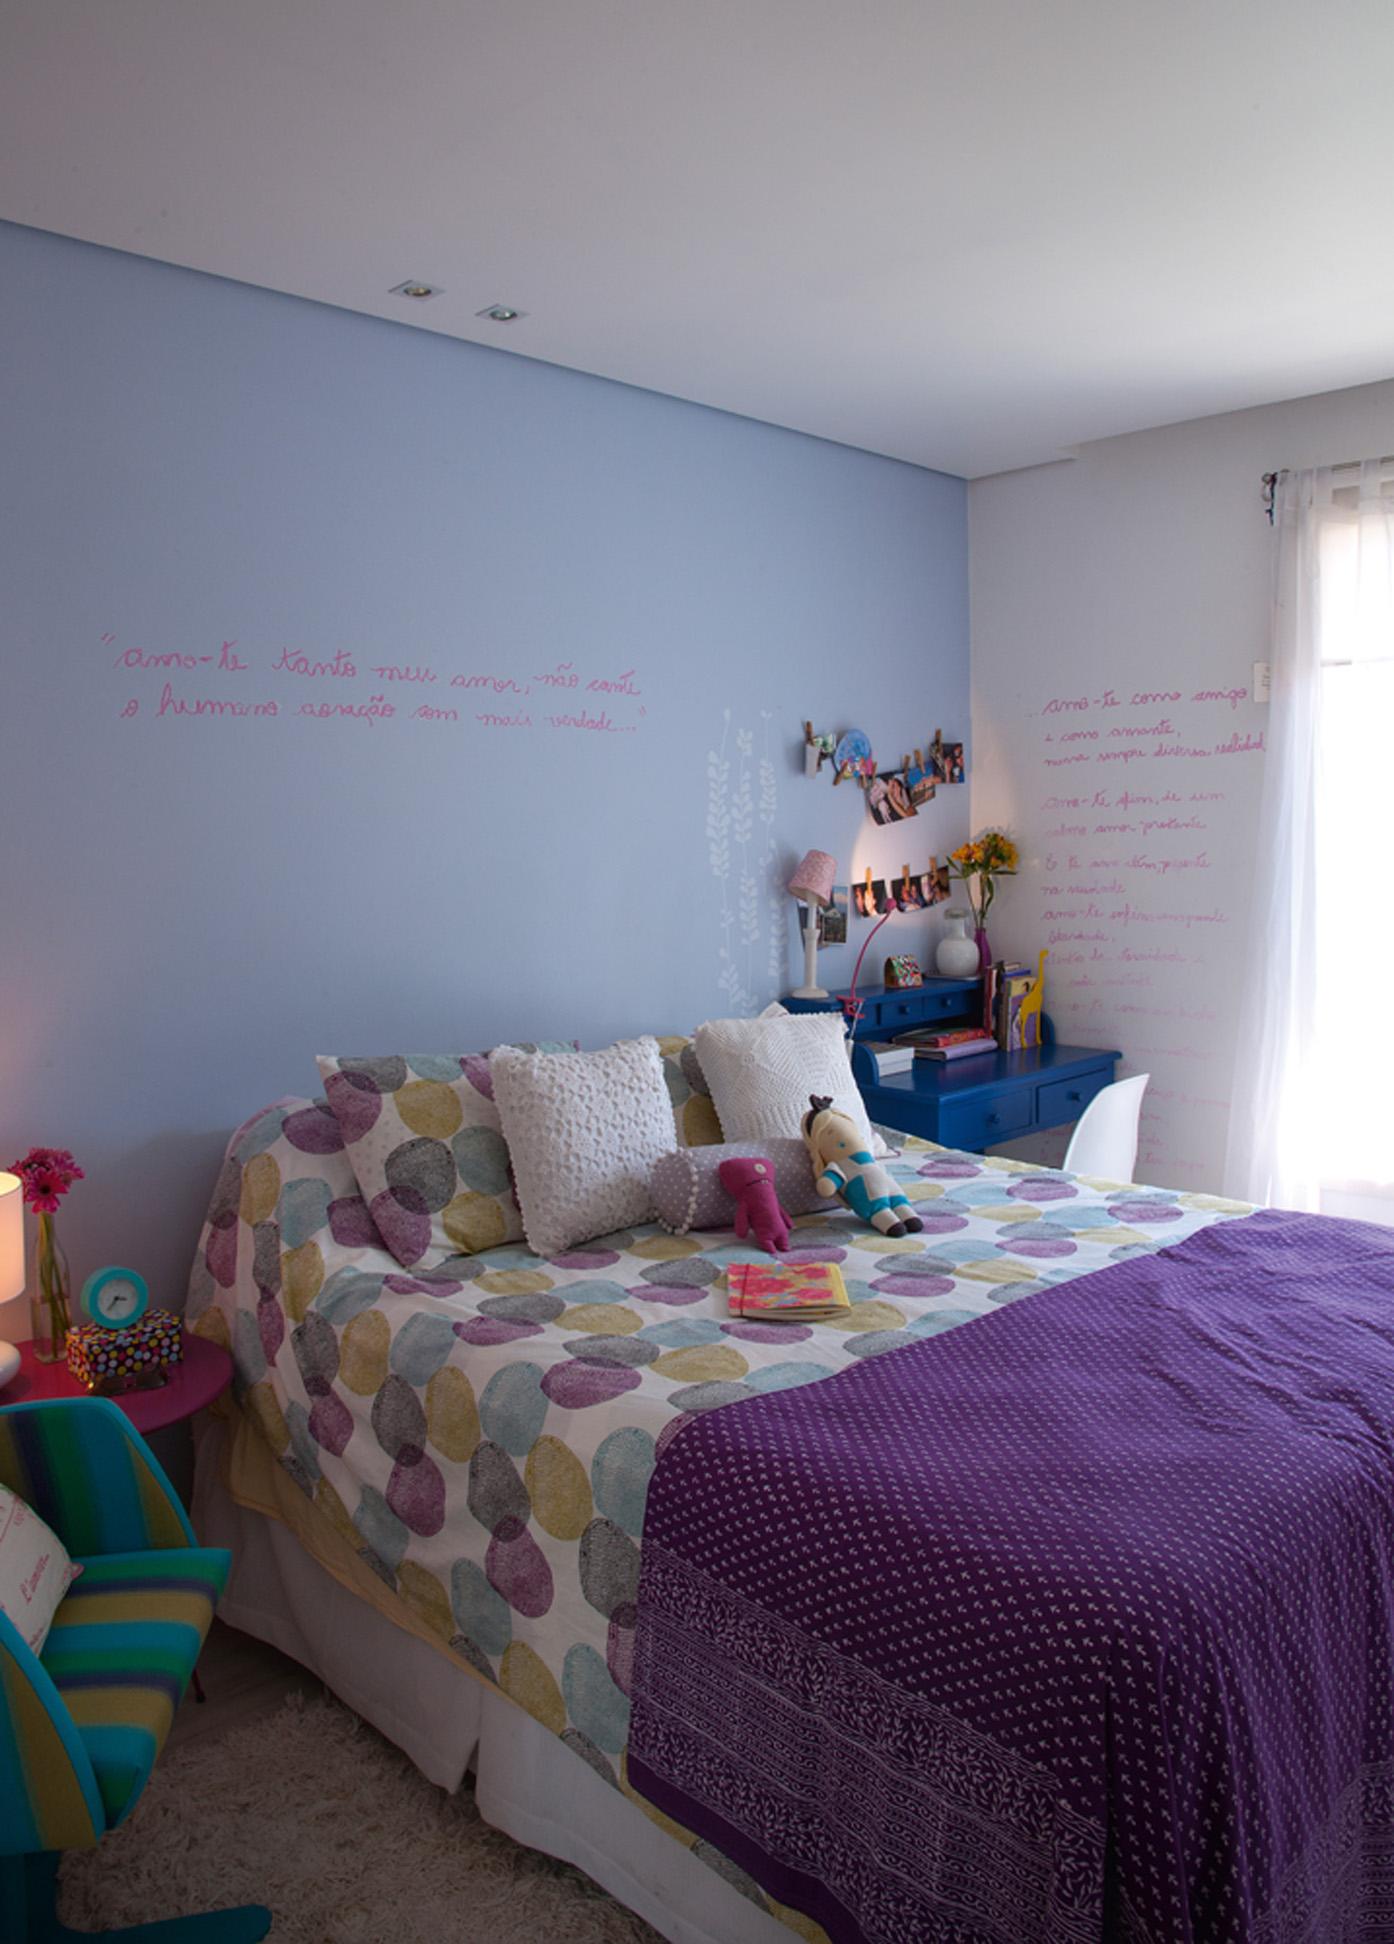 Feito à mão: Na cama, colchas da Cinerama e Ikea. A penteadeira do fundo foi comprada em uma loja de antiguidades. Na parede, versos escritos com giz por ela